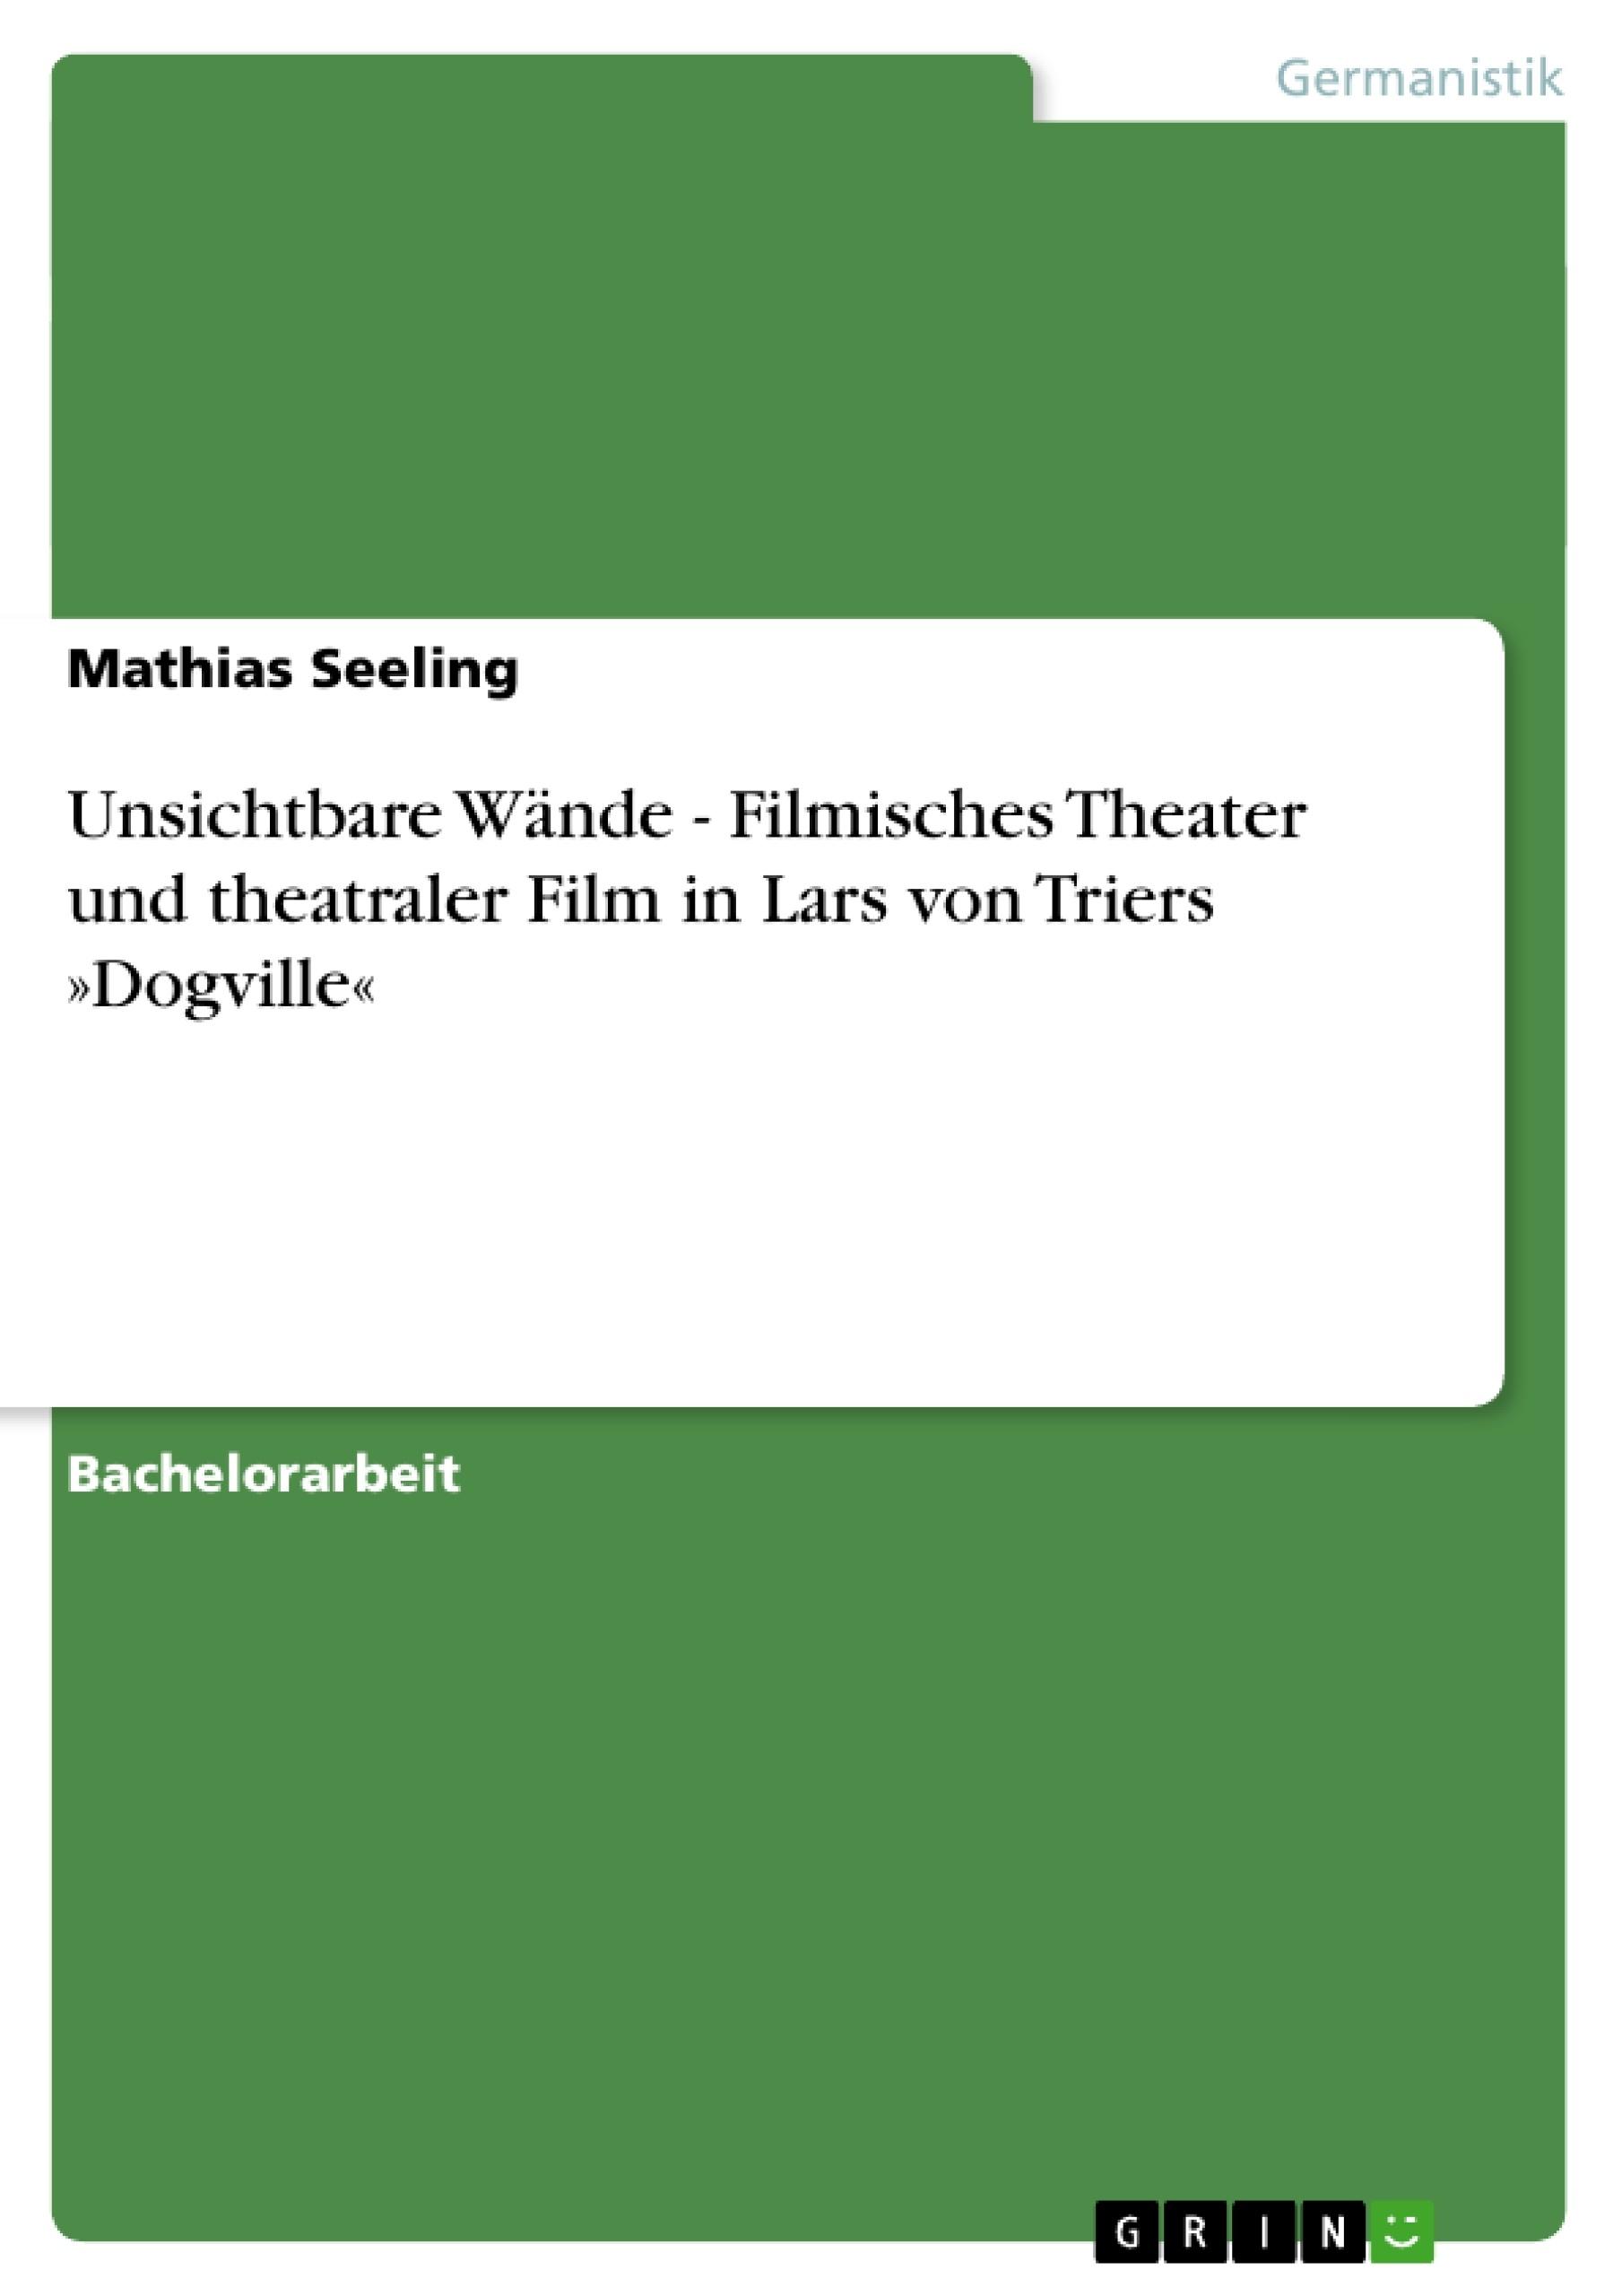 Titel: Unsichtbare Wände - Filmisches Theater und theatraler Film in Lars von Triers »Dogville«